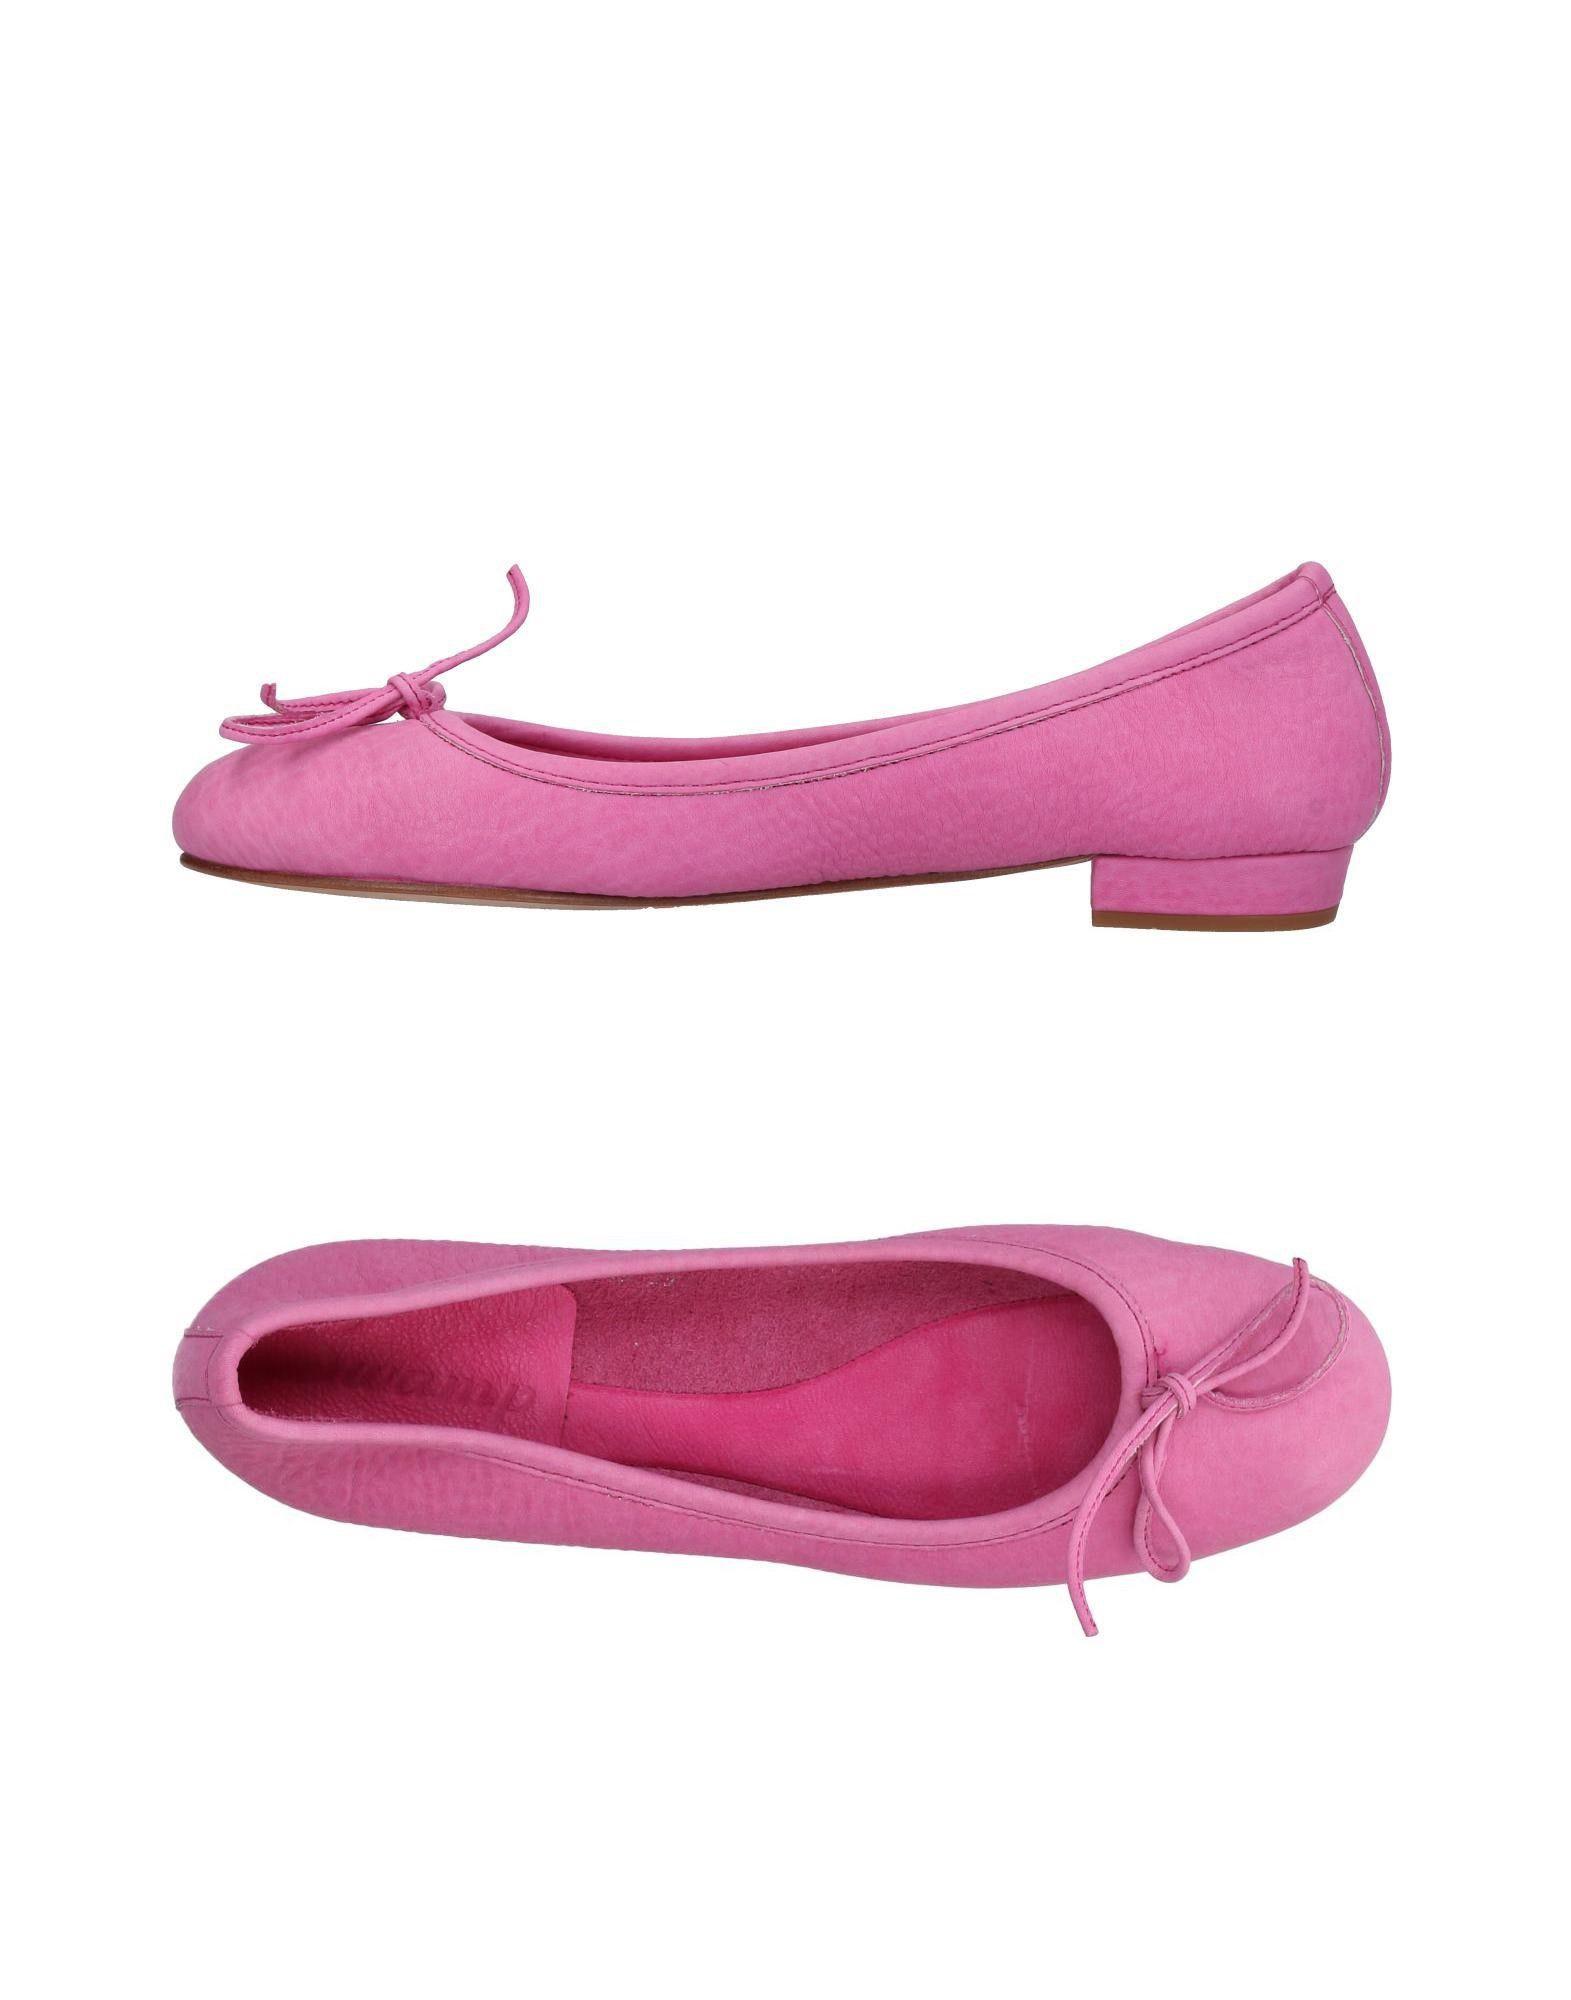 Ballerine Swamp Donna - Acquista online su